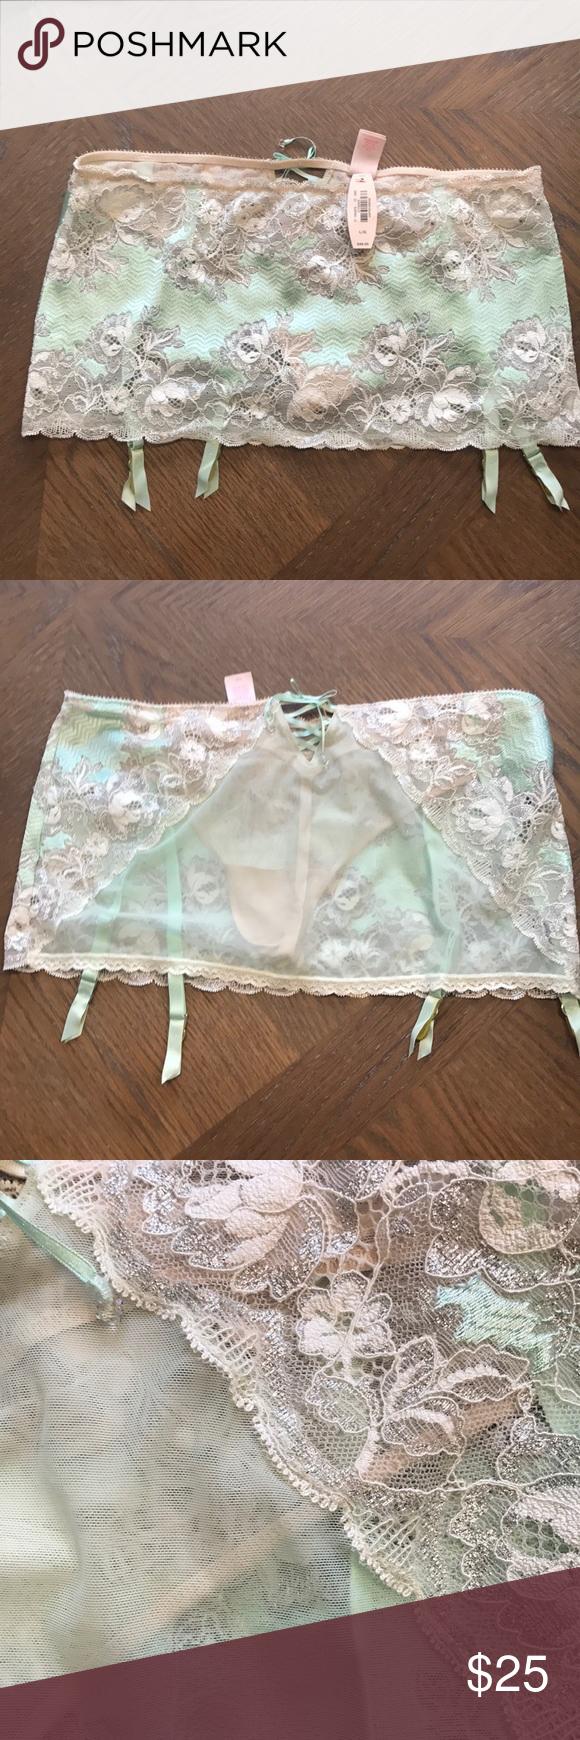 4af4d714f Victoria s Secret garter belt g string mini Romantic Mint green and beige